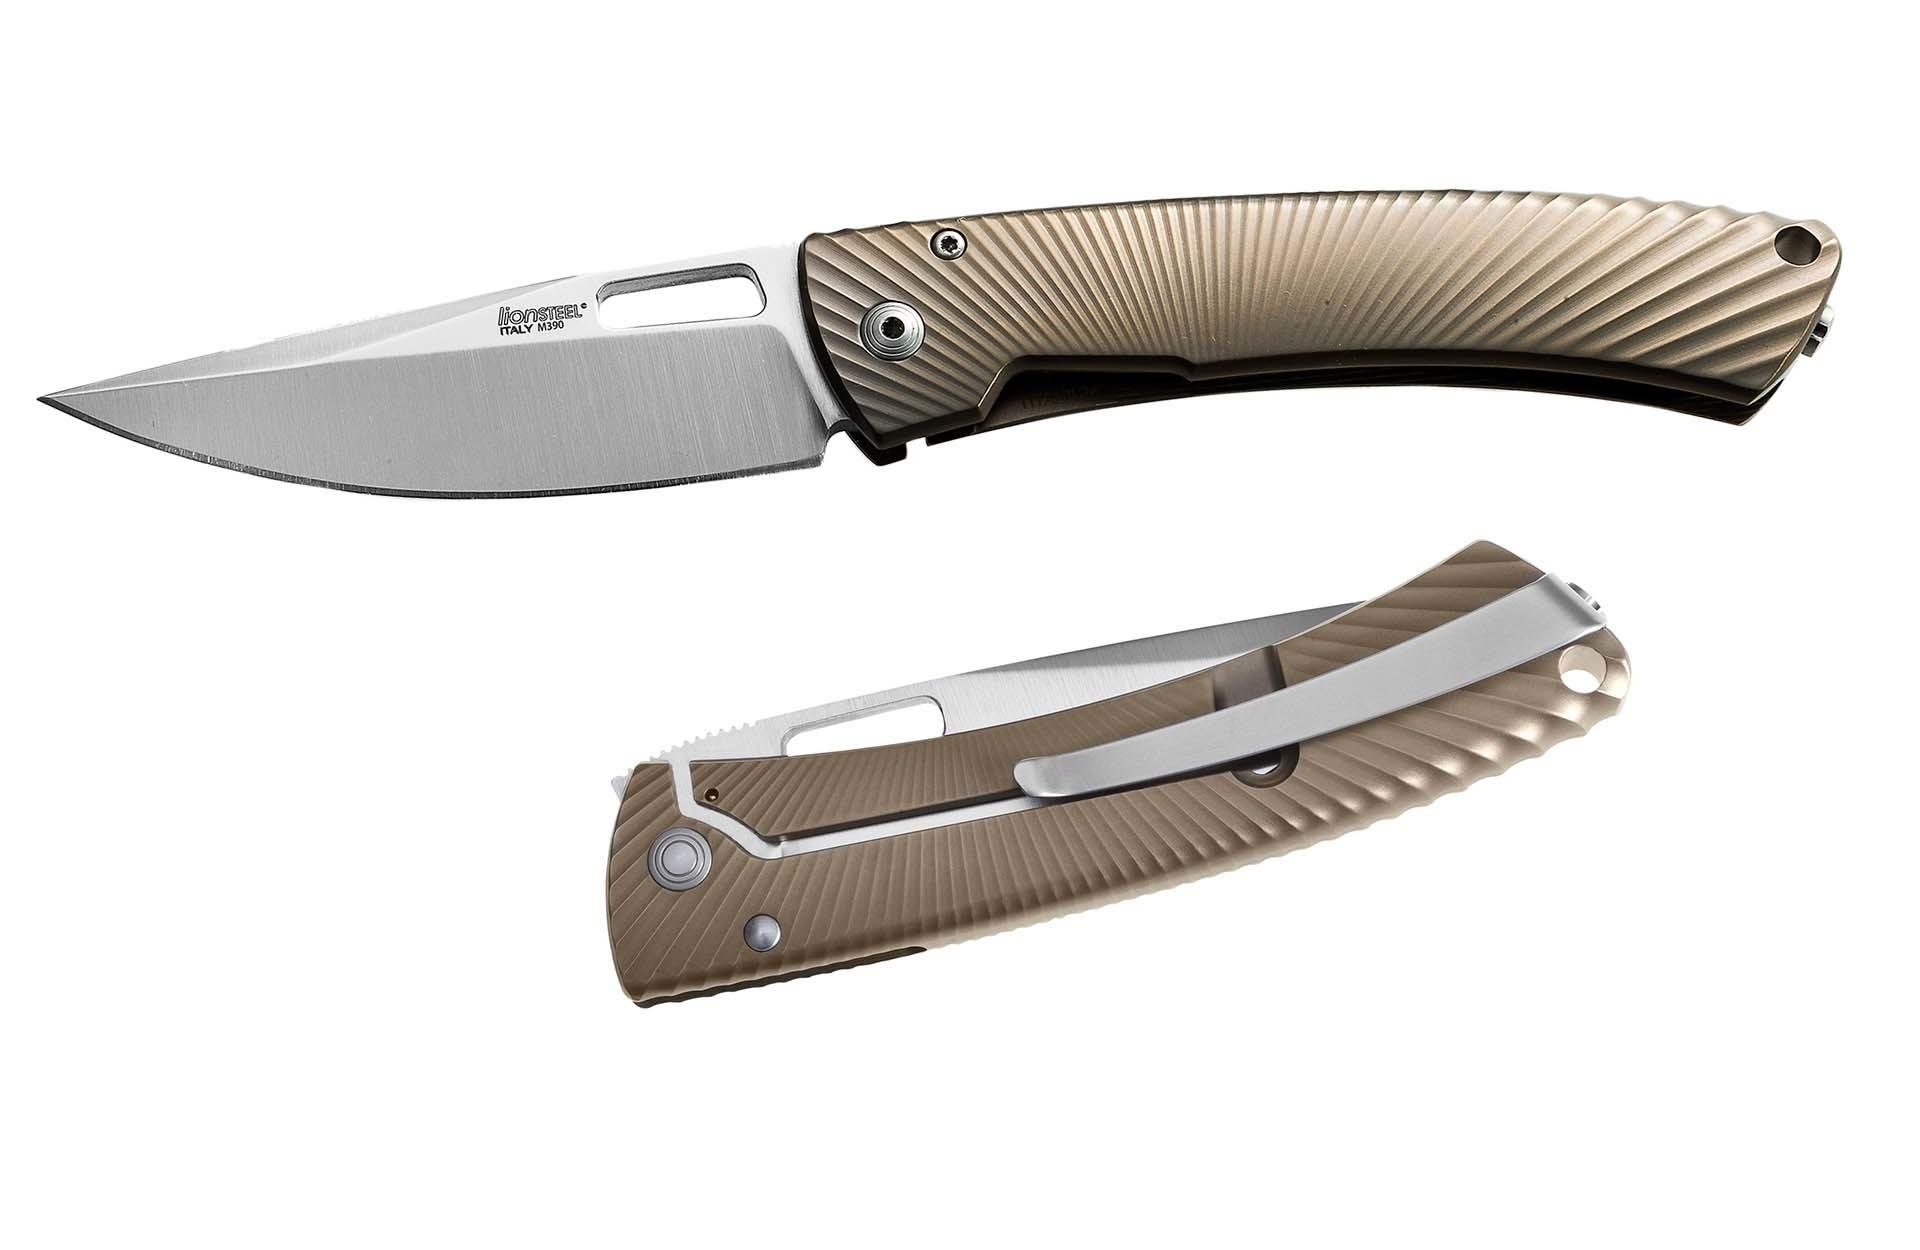 Фото 2 - Нож складной LionSteel TS1 BM, сталь M390, рукоять титан от Lion Steel